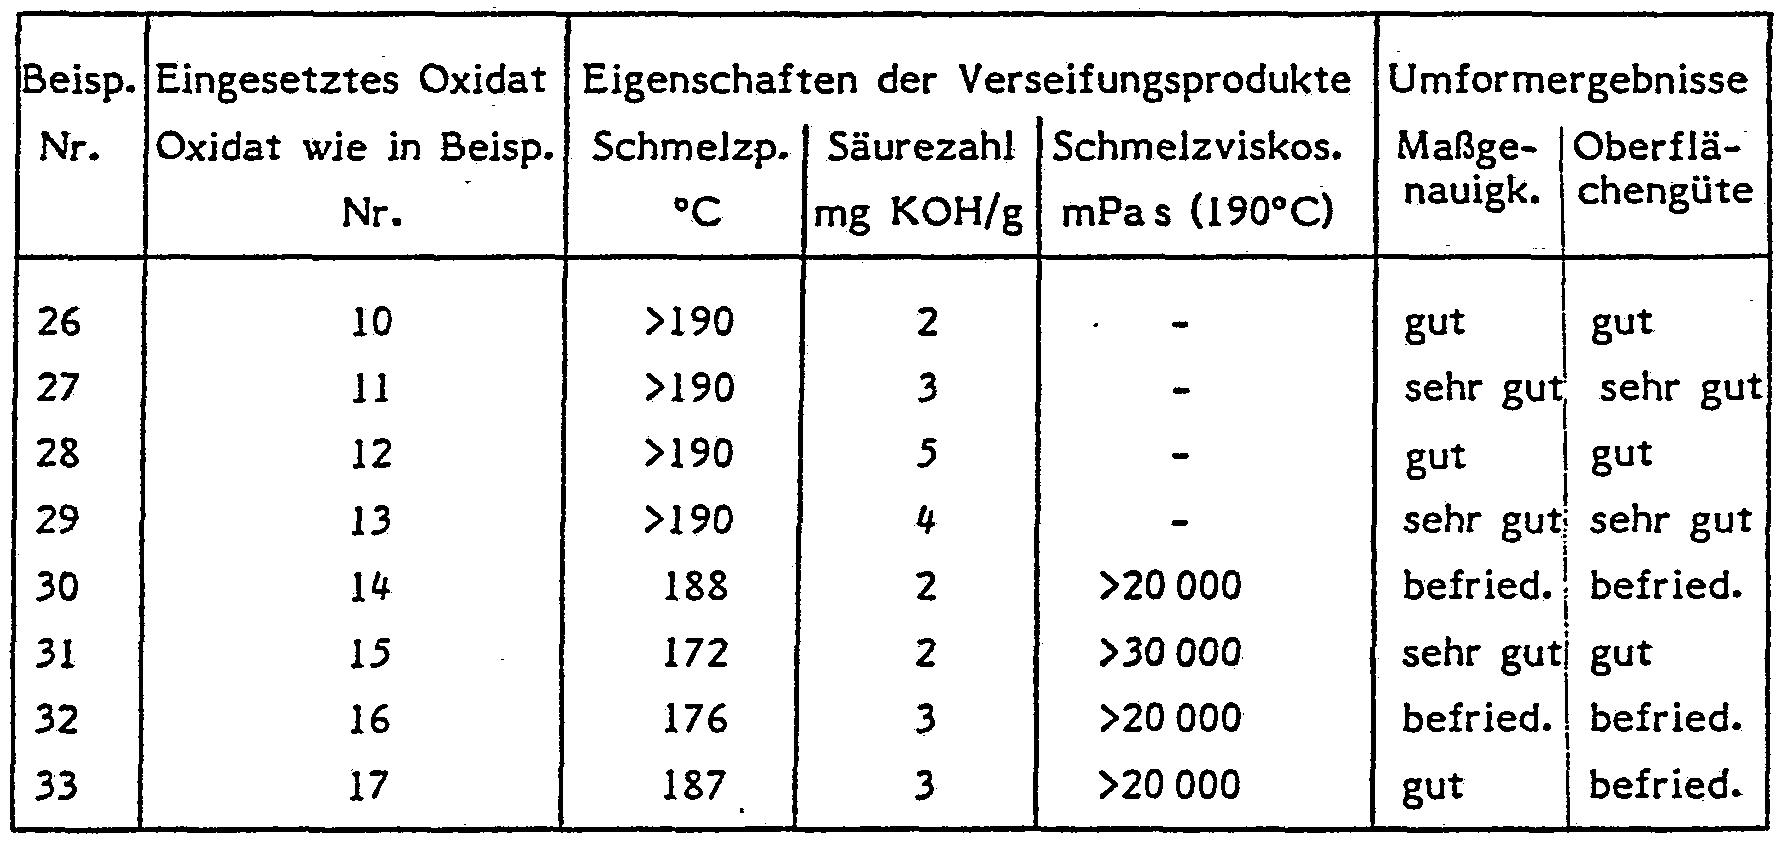 Brevet ep0224522a1 verfahren zur spanlosen umformung von - Edelstahlrohr durchmesser tabelle ...